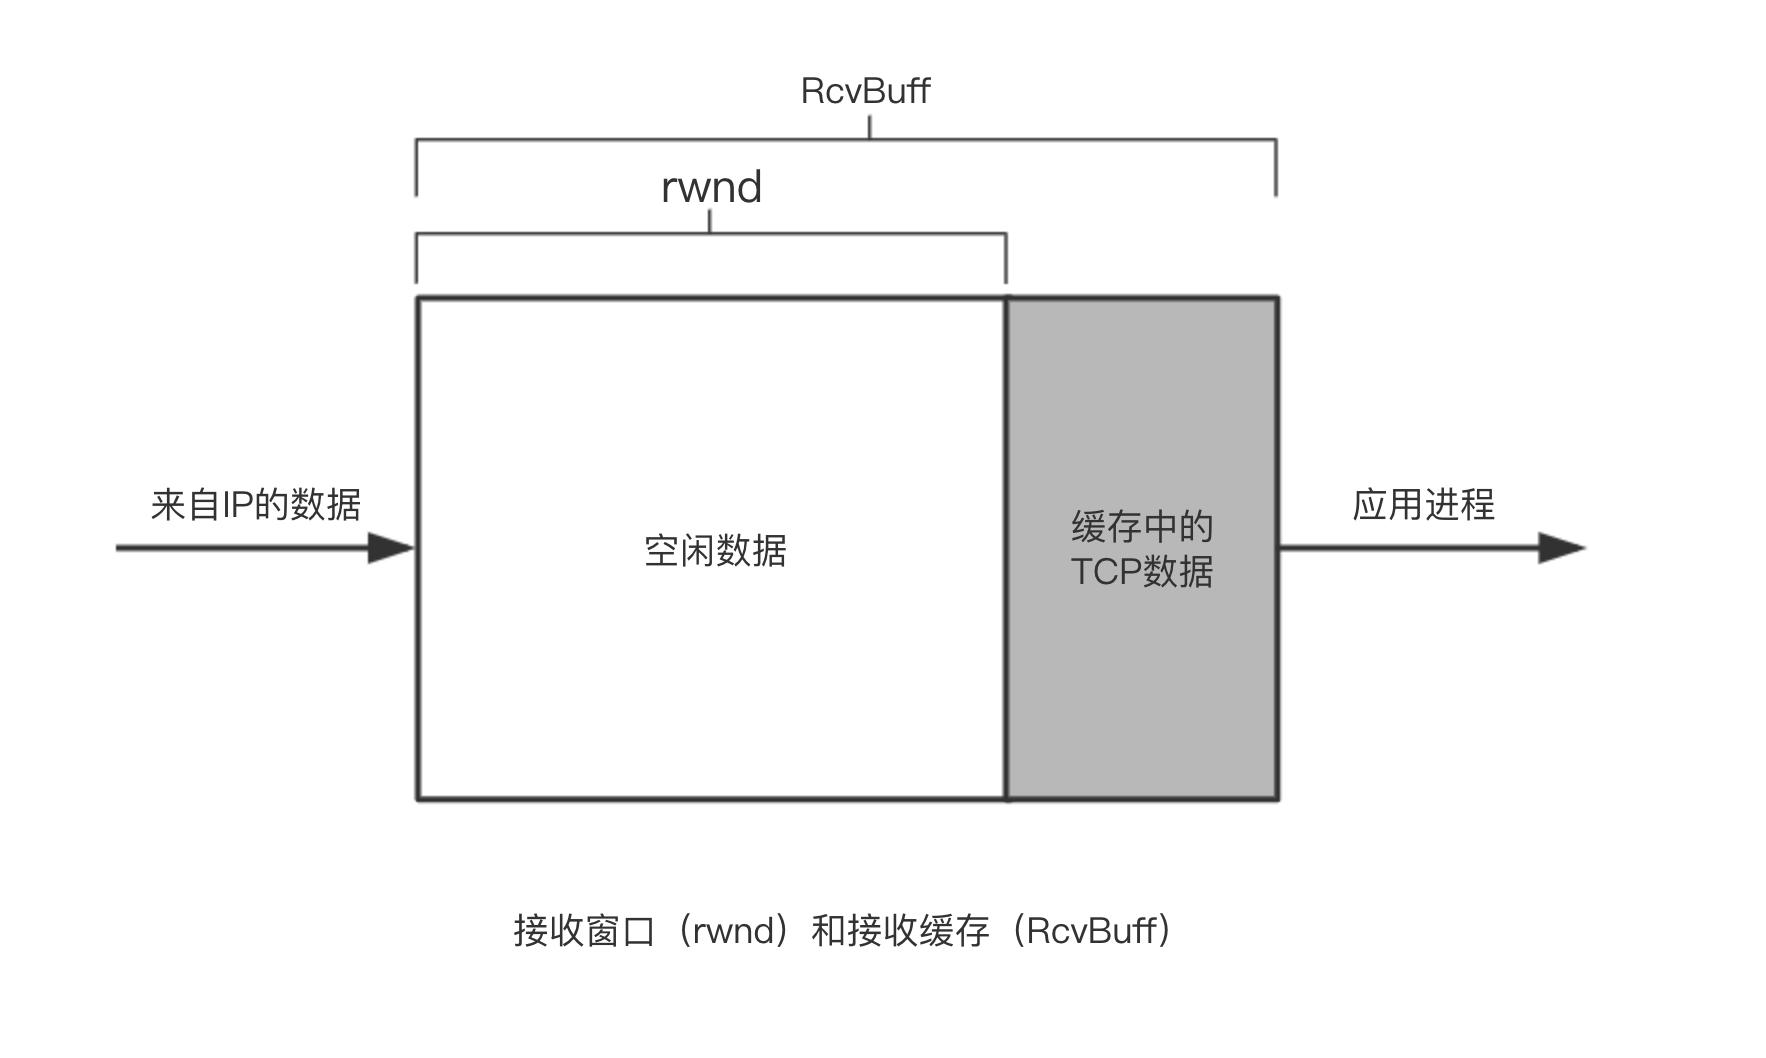 接收窗口(rwnd)和接收缓存(RcvBuff)